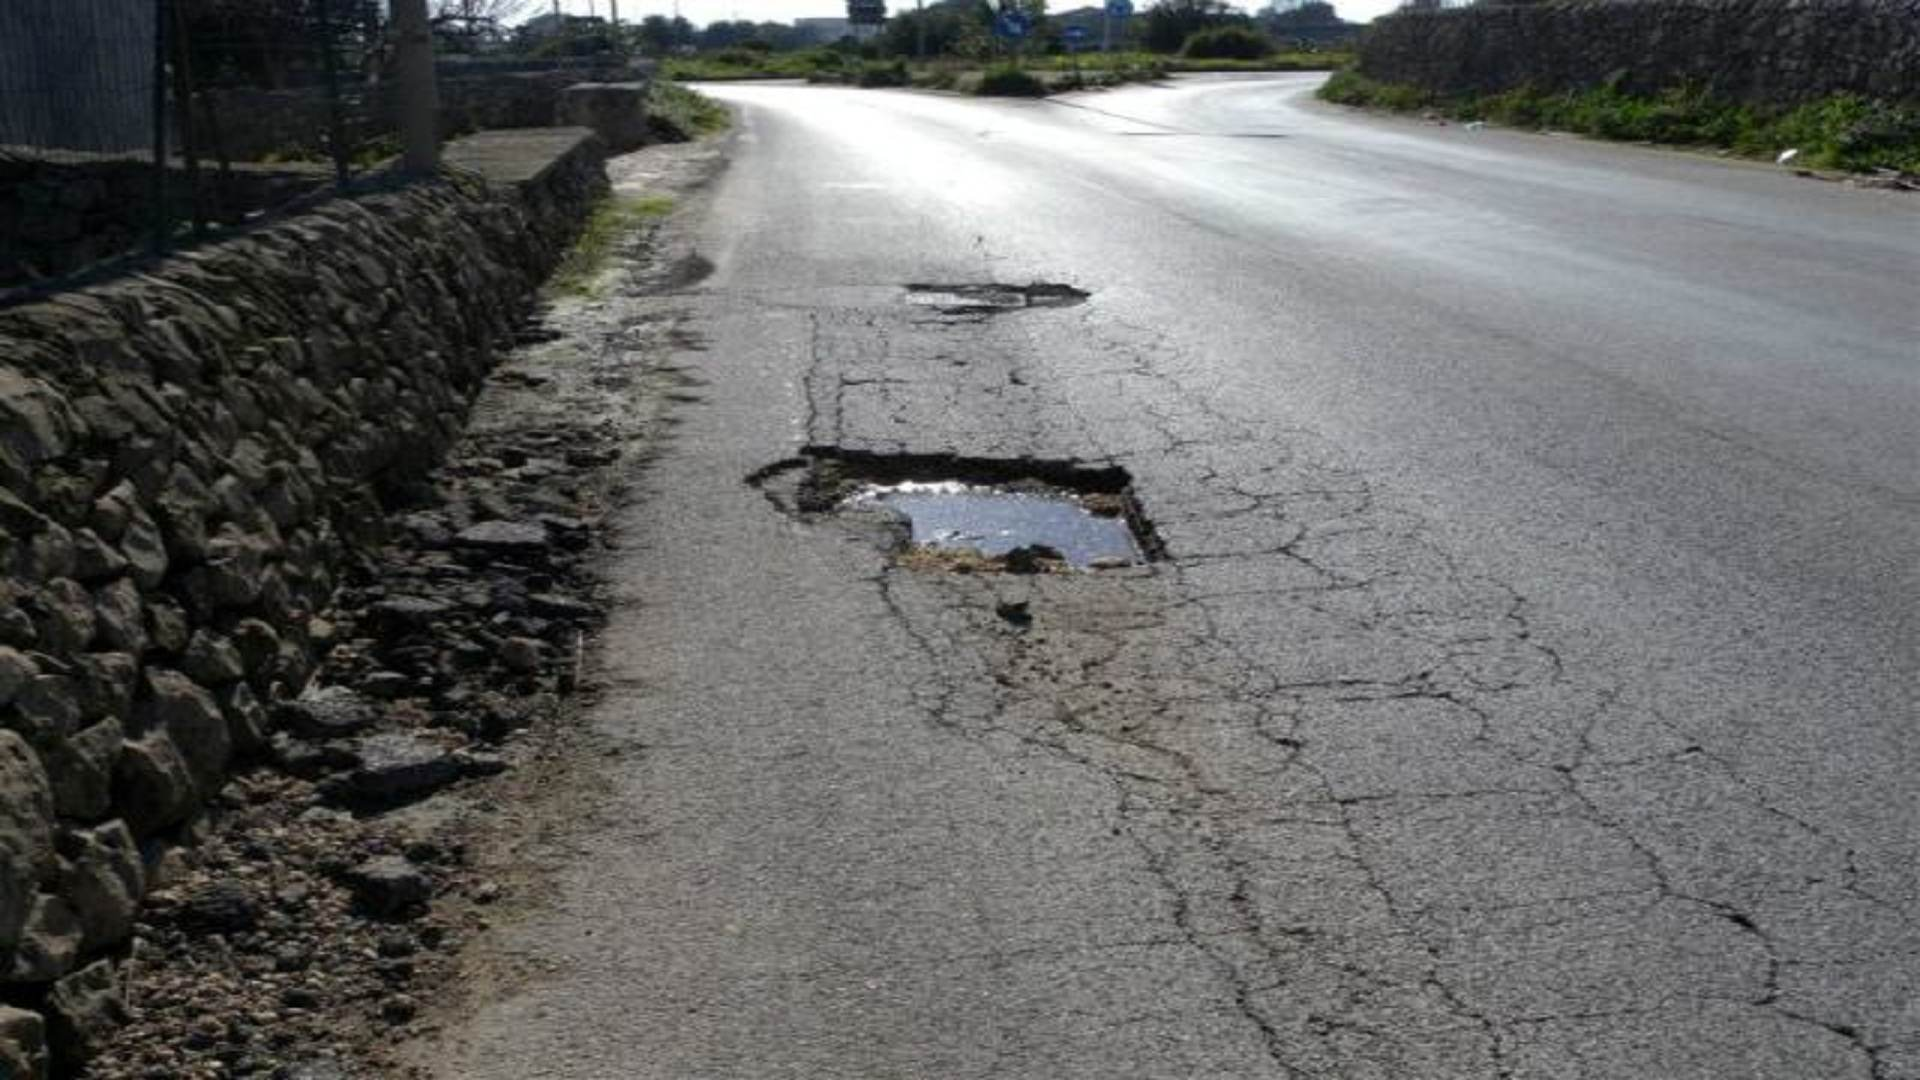 strade-rotte-immagini.jpg